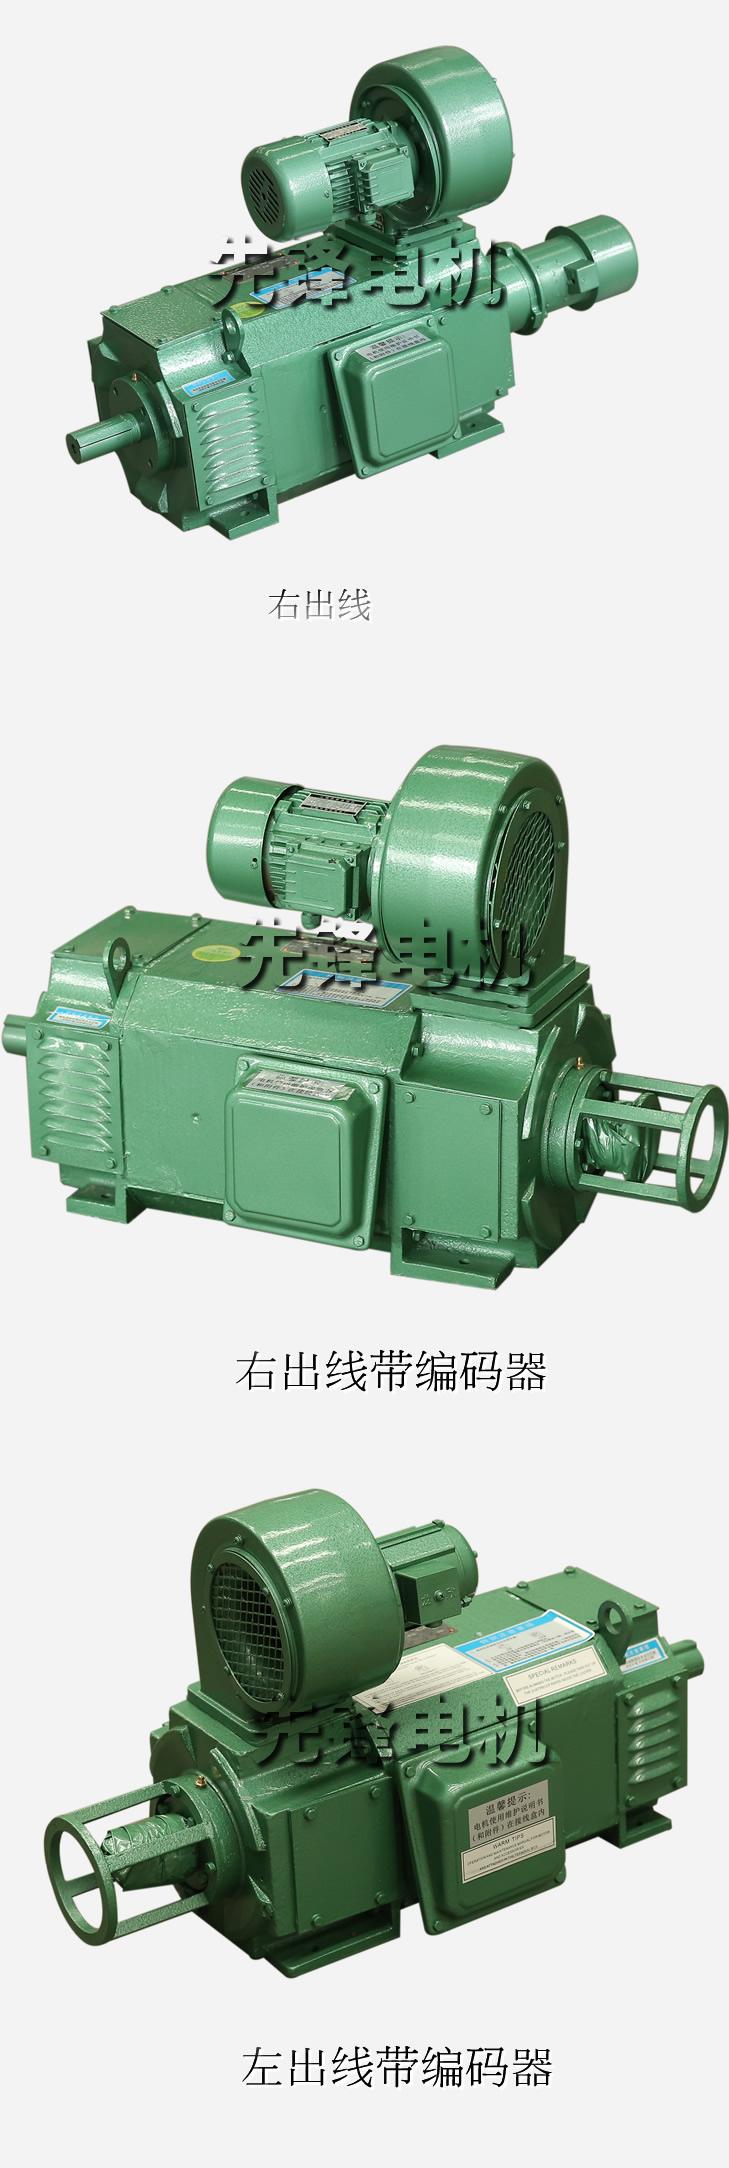 Z4-112 直流电机